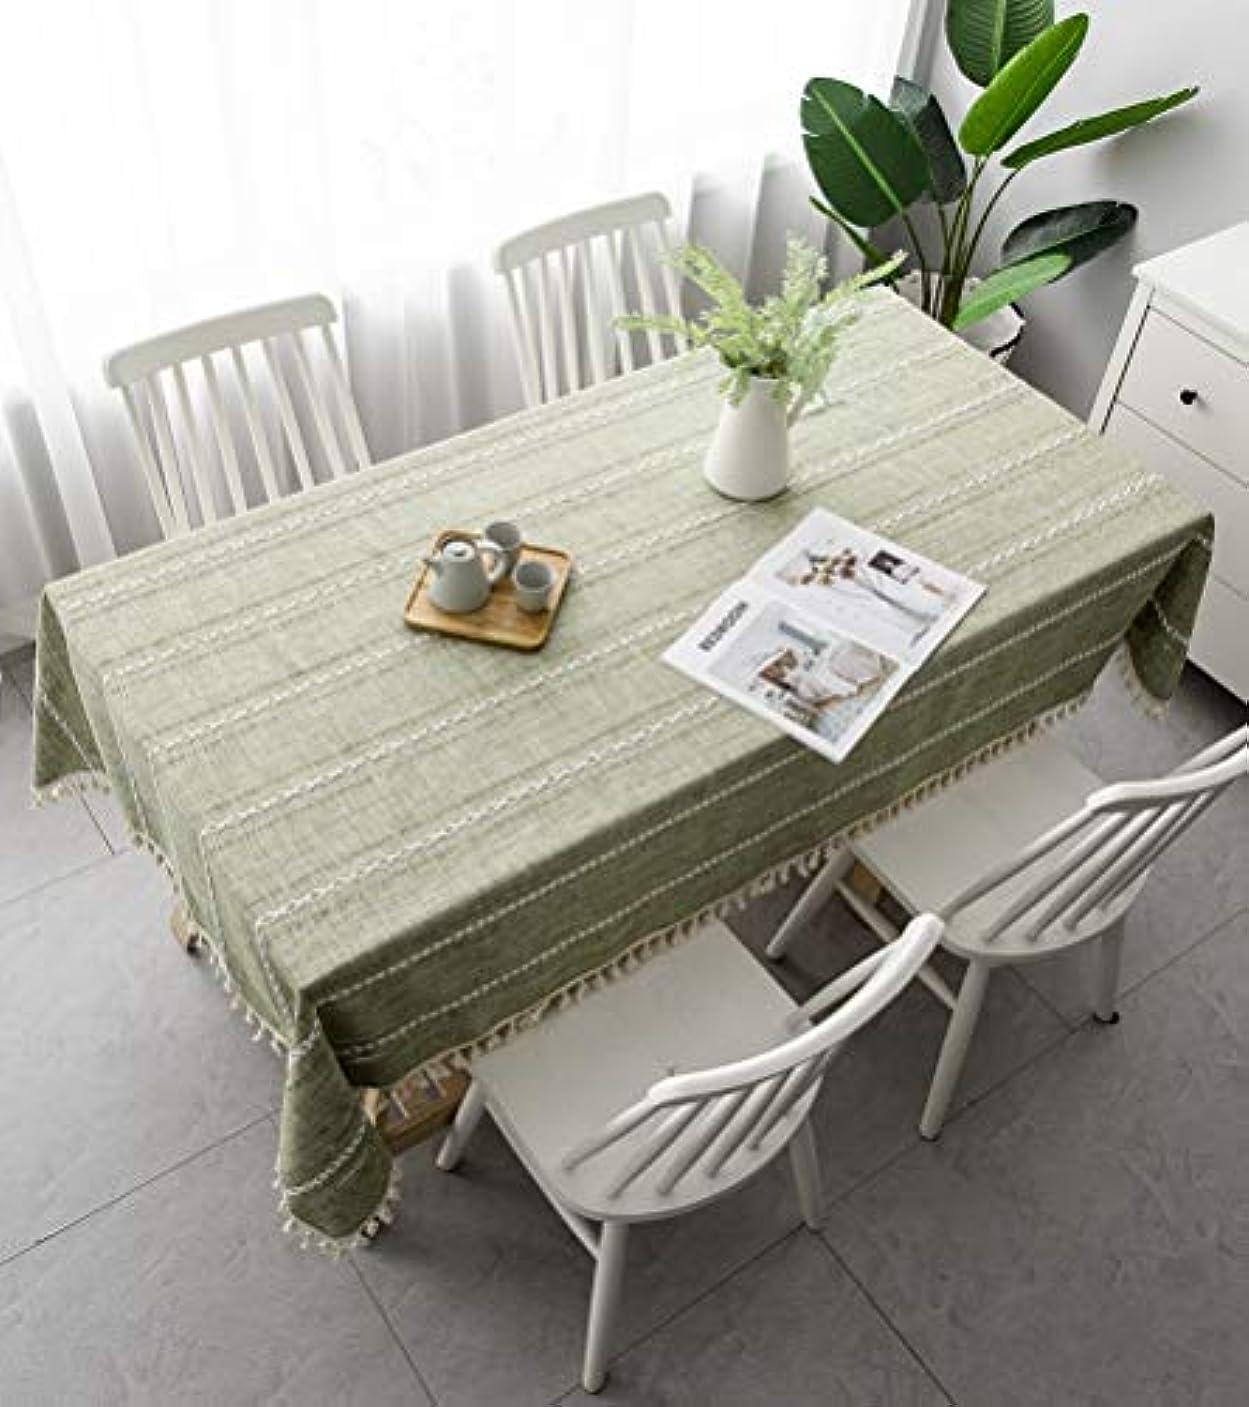 神の姪ベアリングサークルテーブルクロス260分の240/280センチメートル綿と麻長方形のテーブルクロスファミリーキッチンレストラン休日のディナーパーティーの装飾,140x280